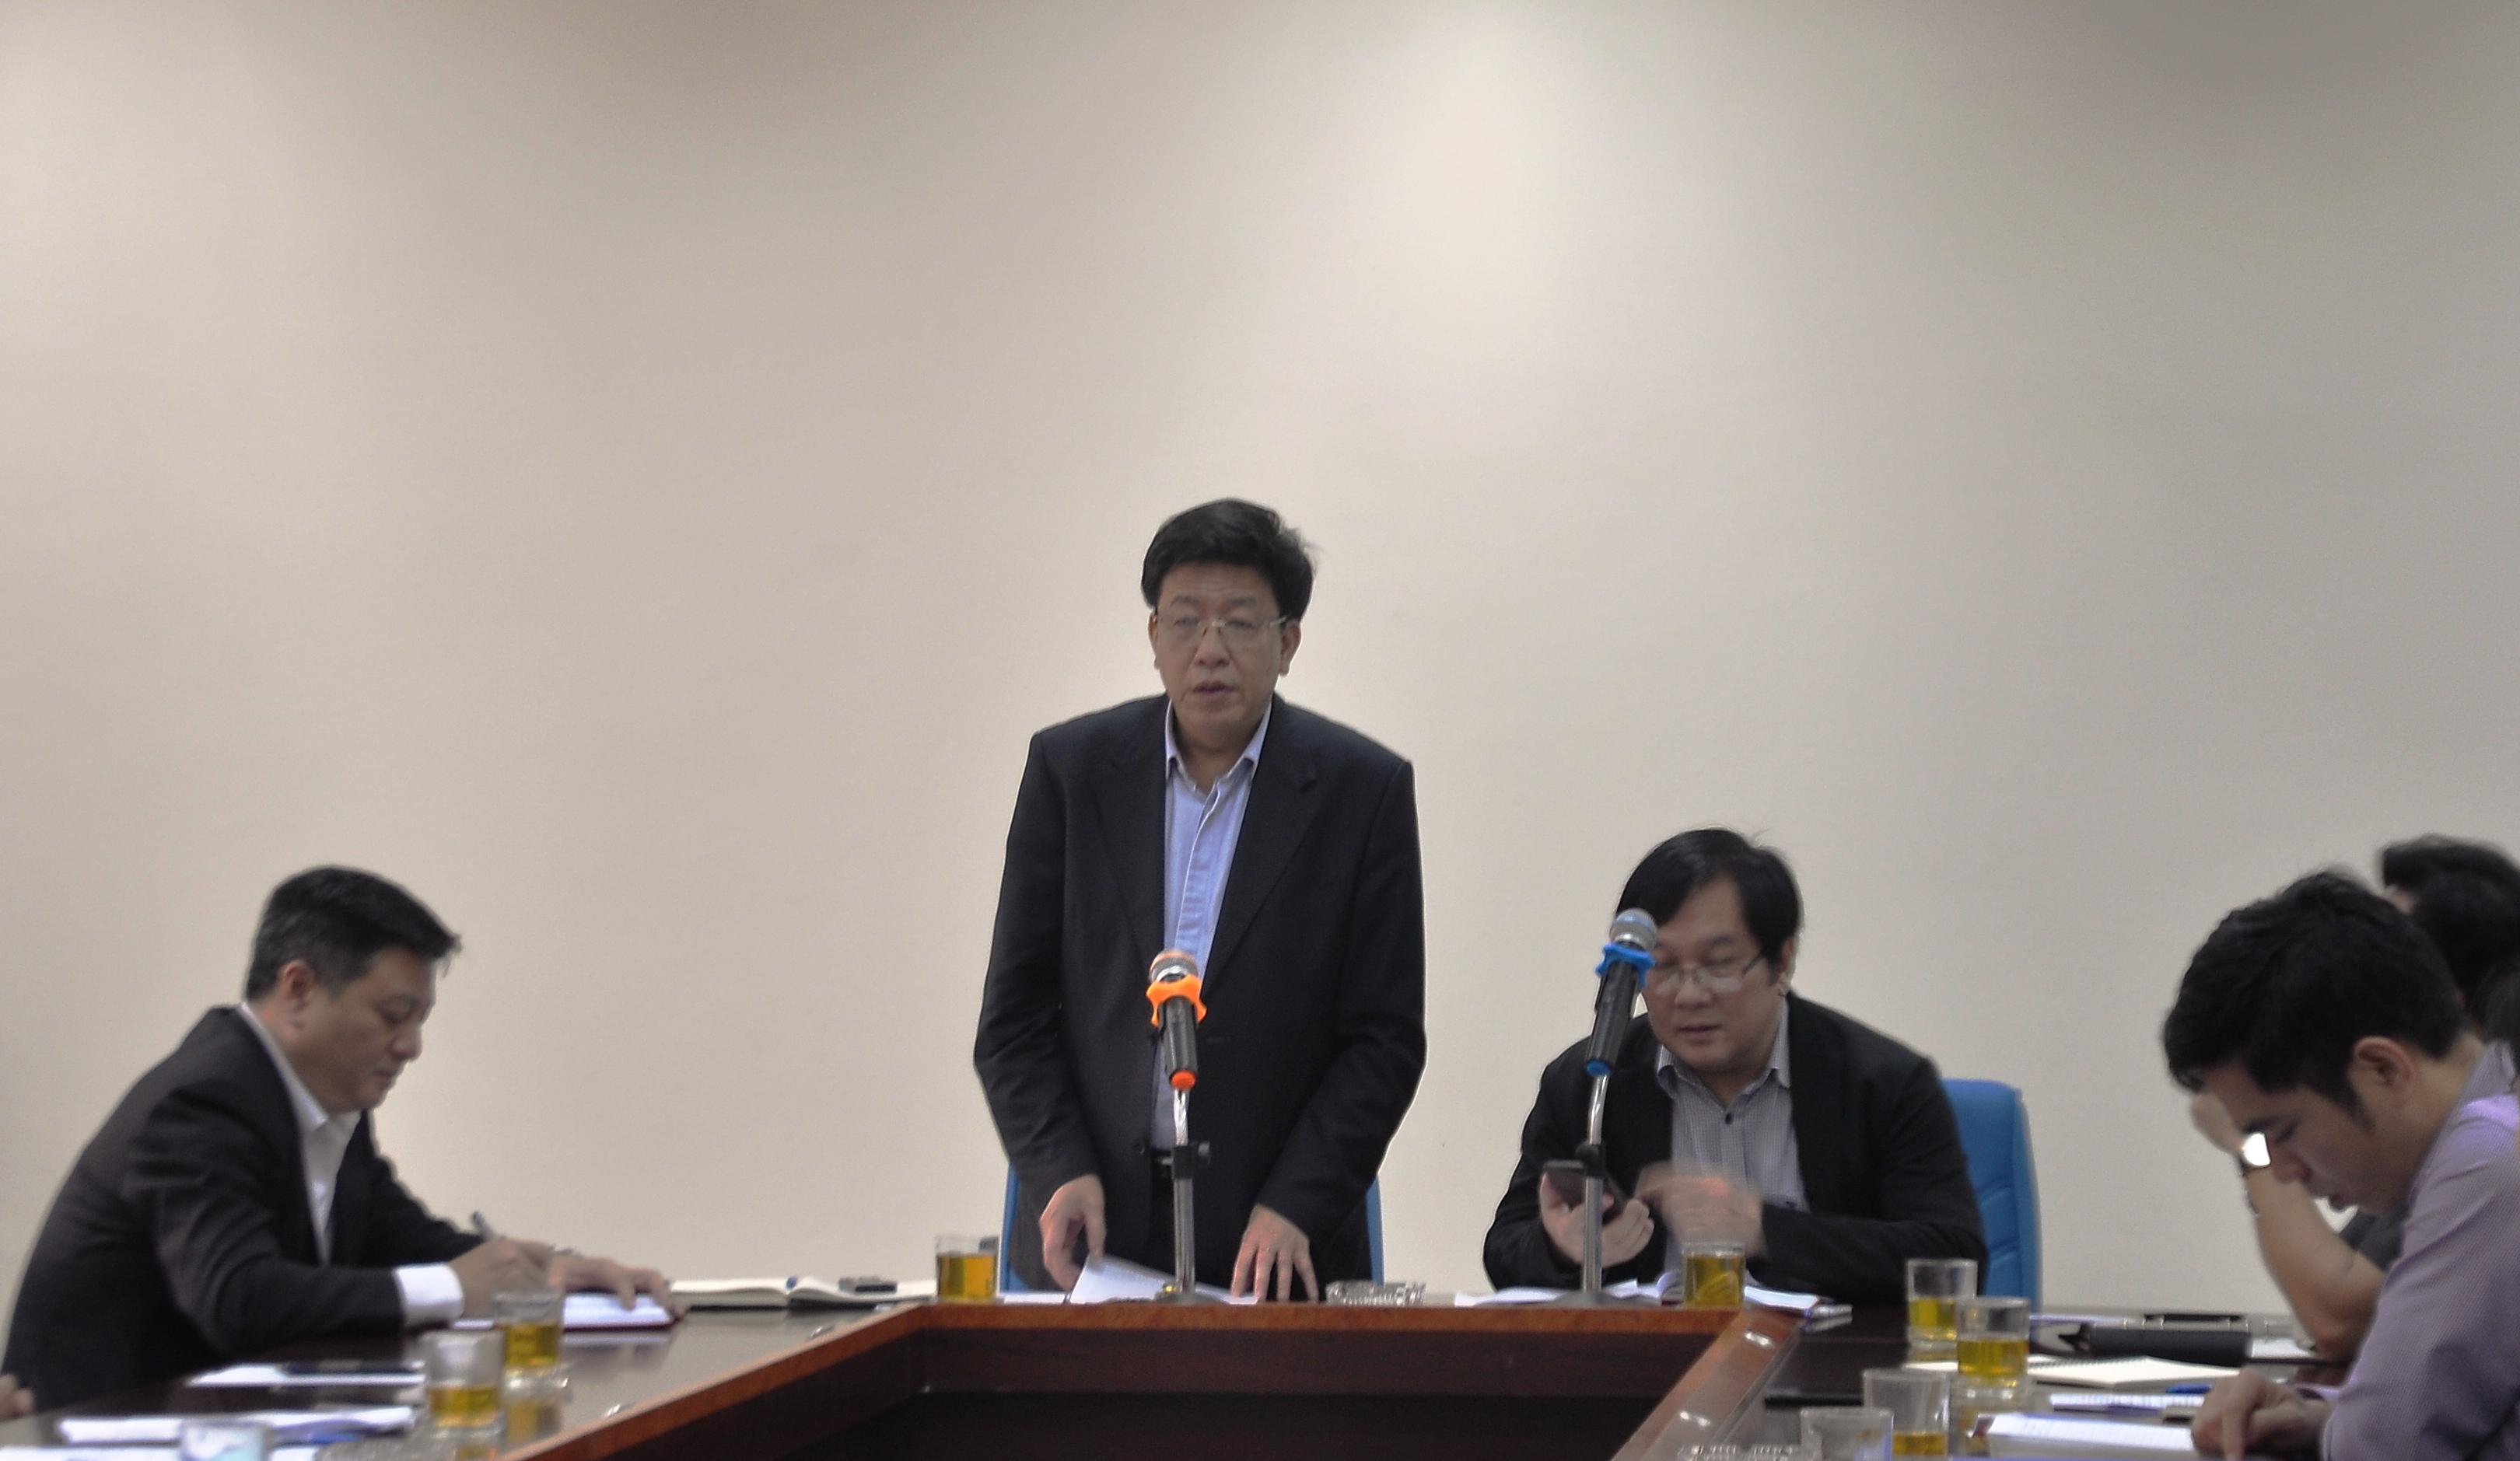 Bí thư Dương Đức Tuấn tổng kết Hội nghị